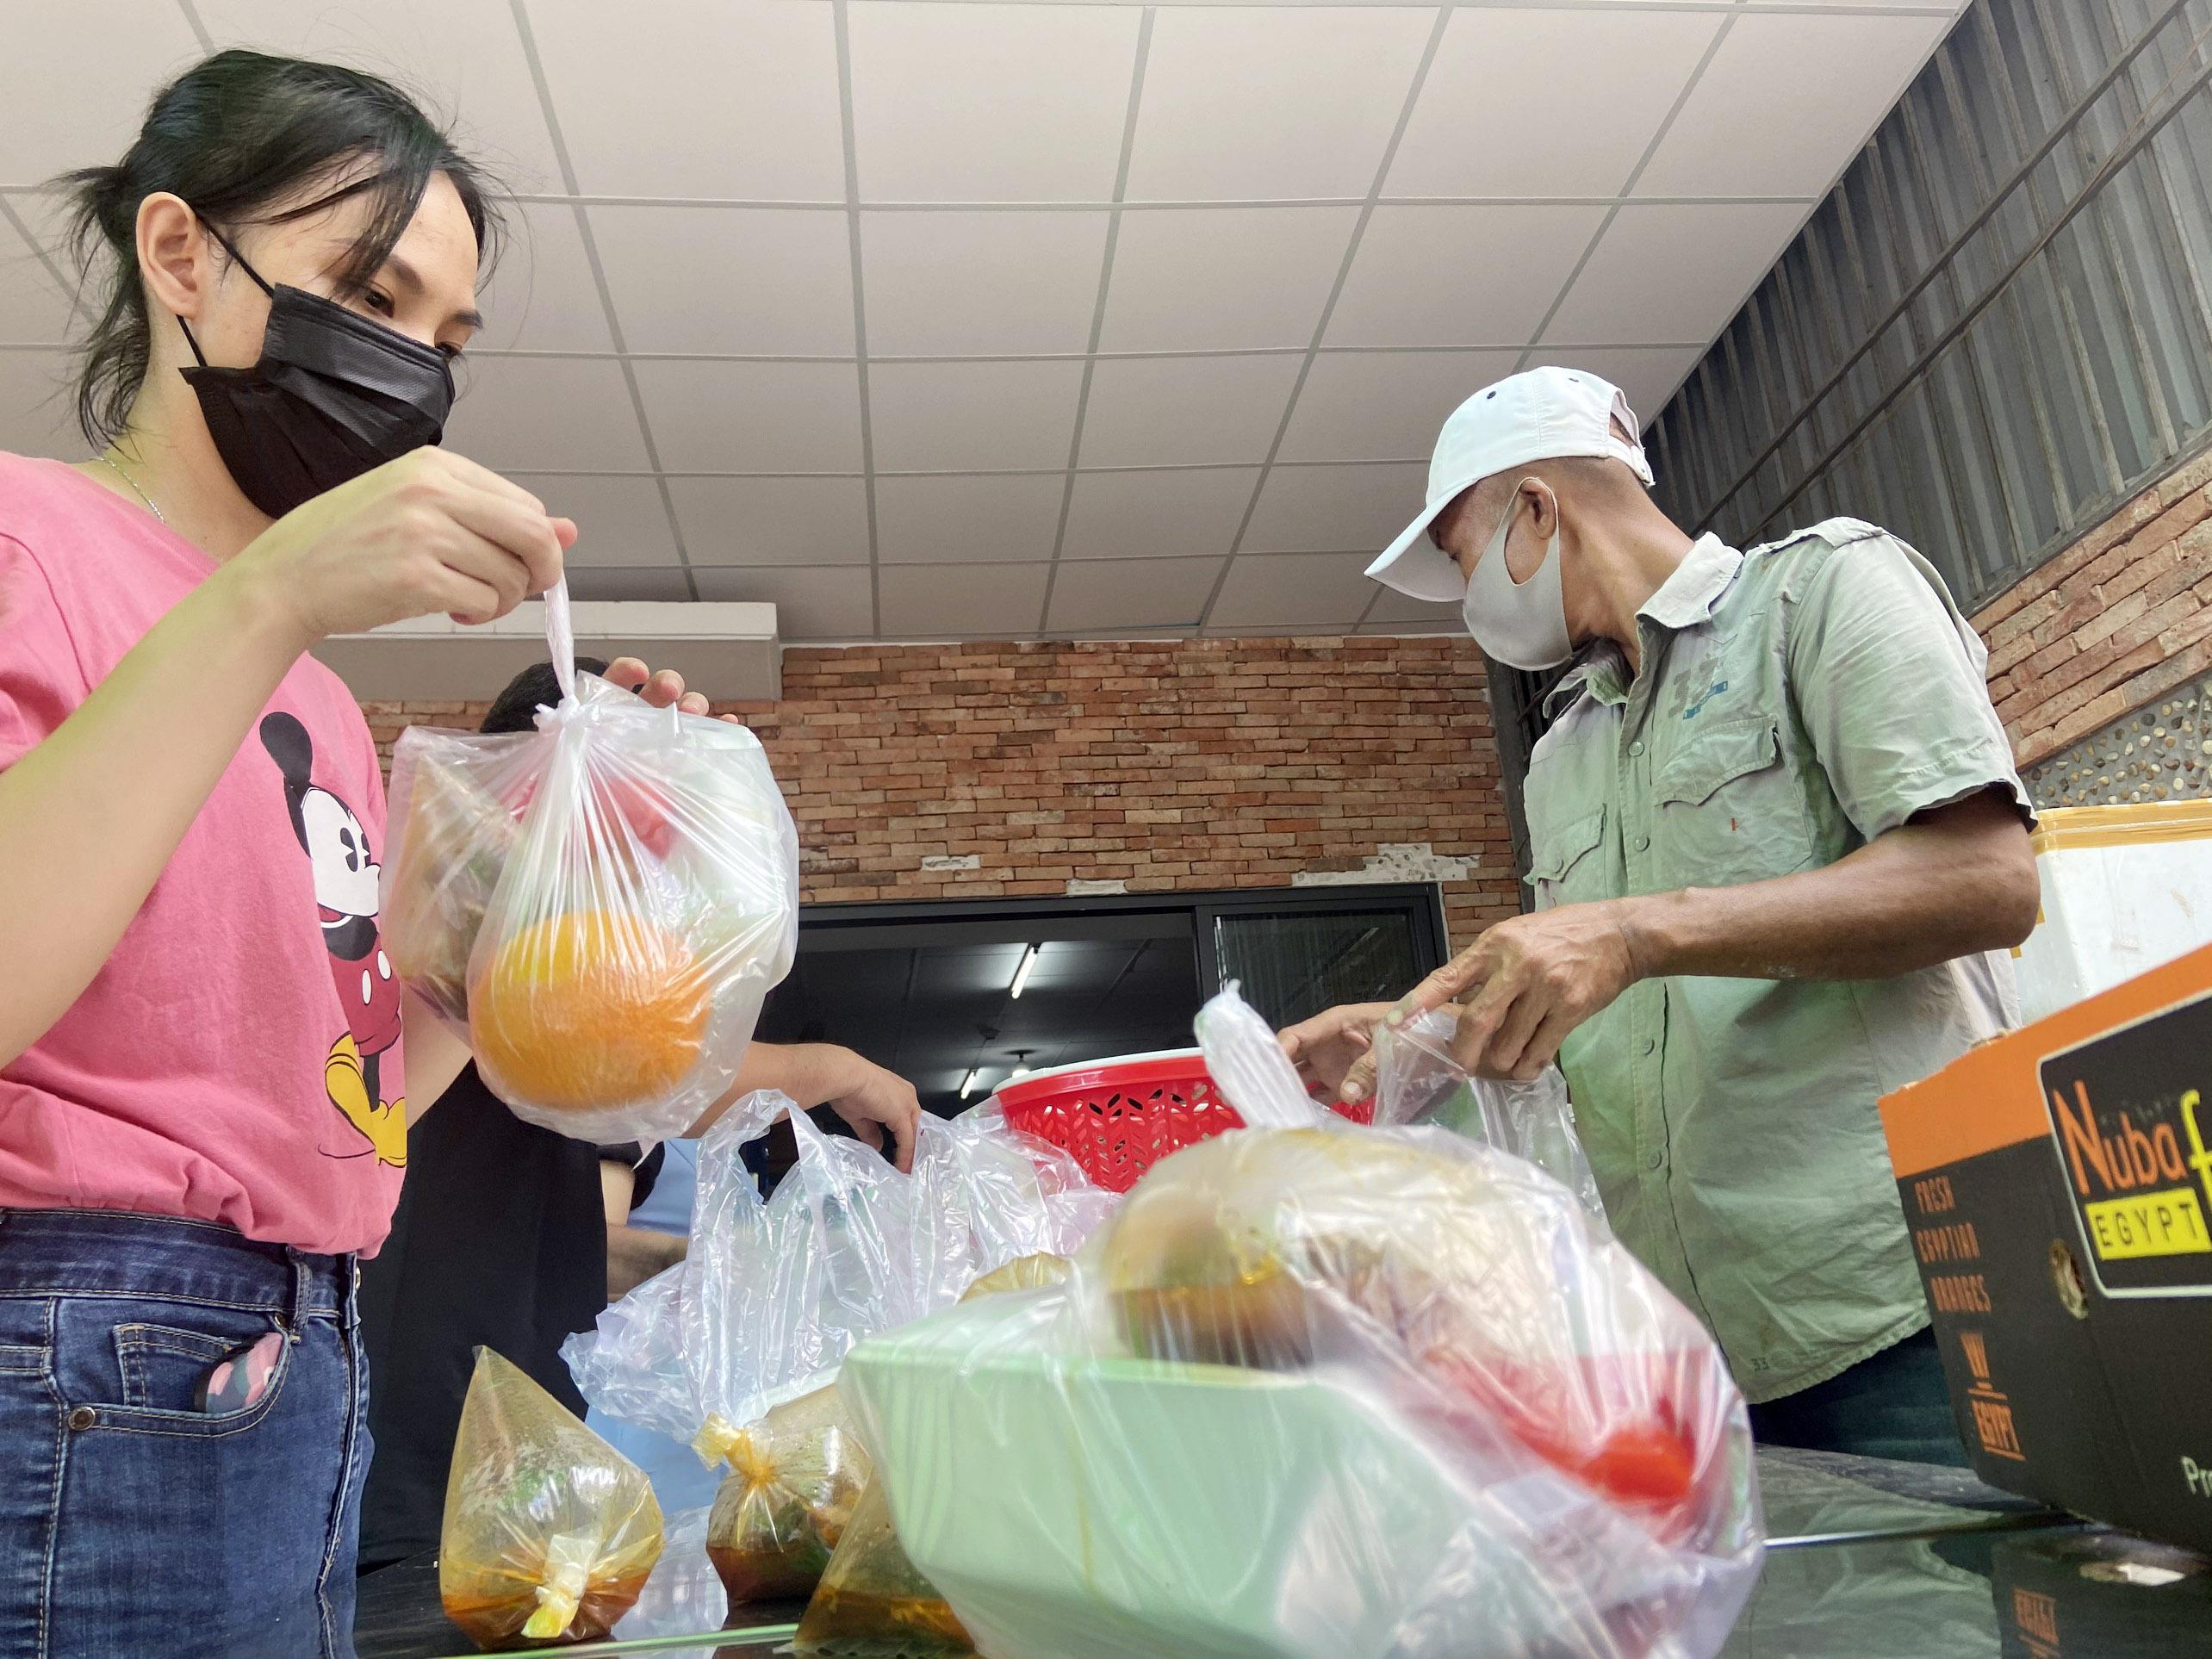 """Những """"anh chàng shipper"""" đi khắp Sài Gòn để phát 1.500 suất ăn miễn phí cho người nghèo - 5"""